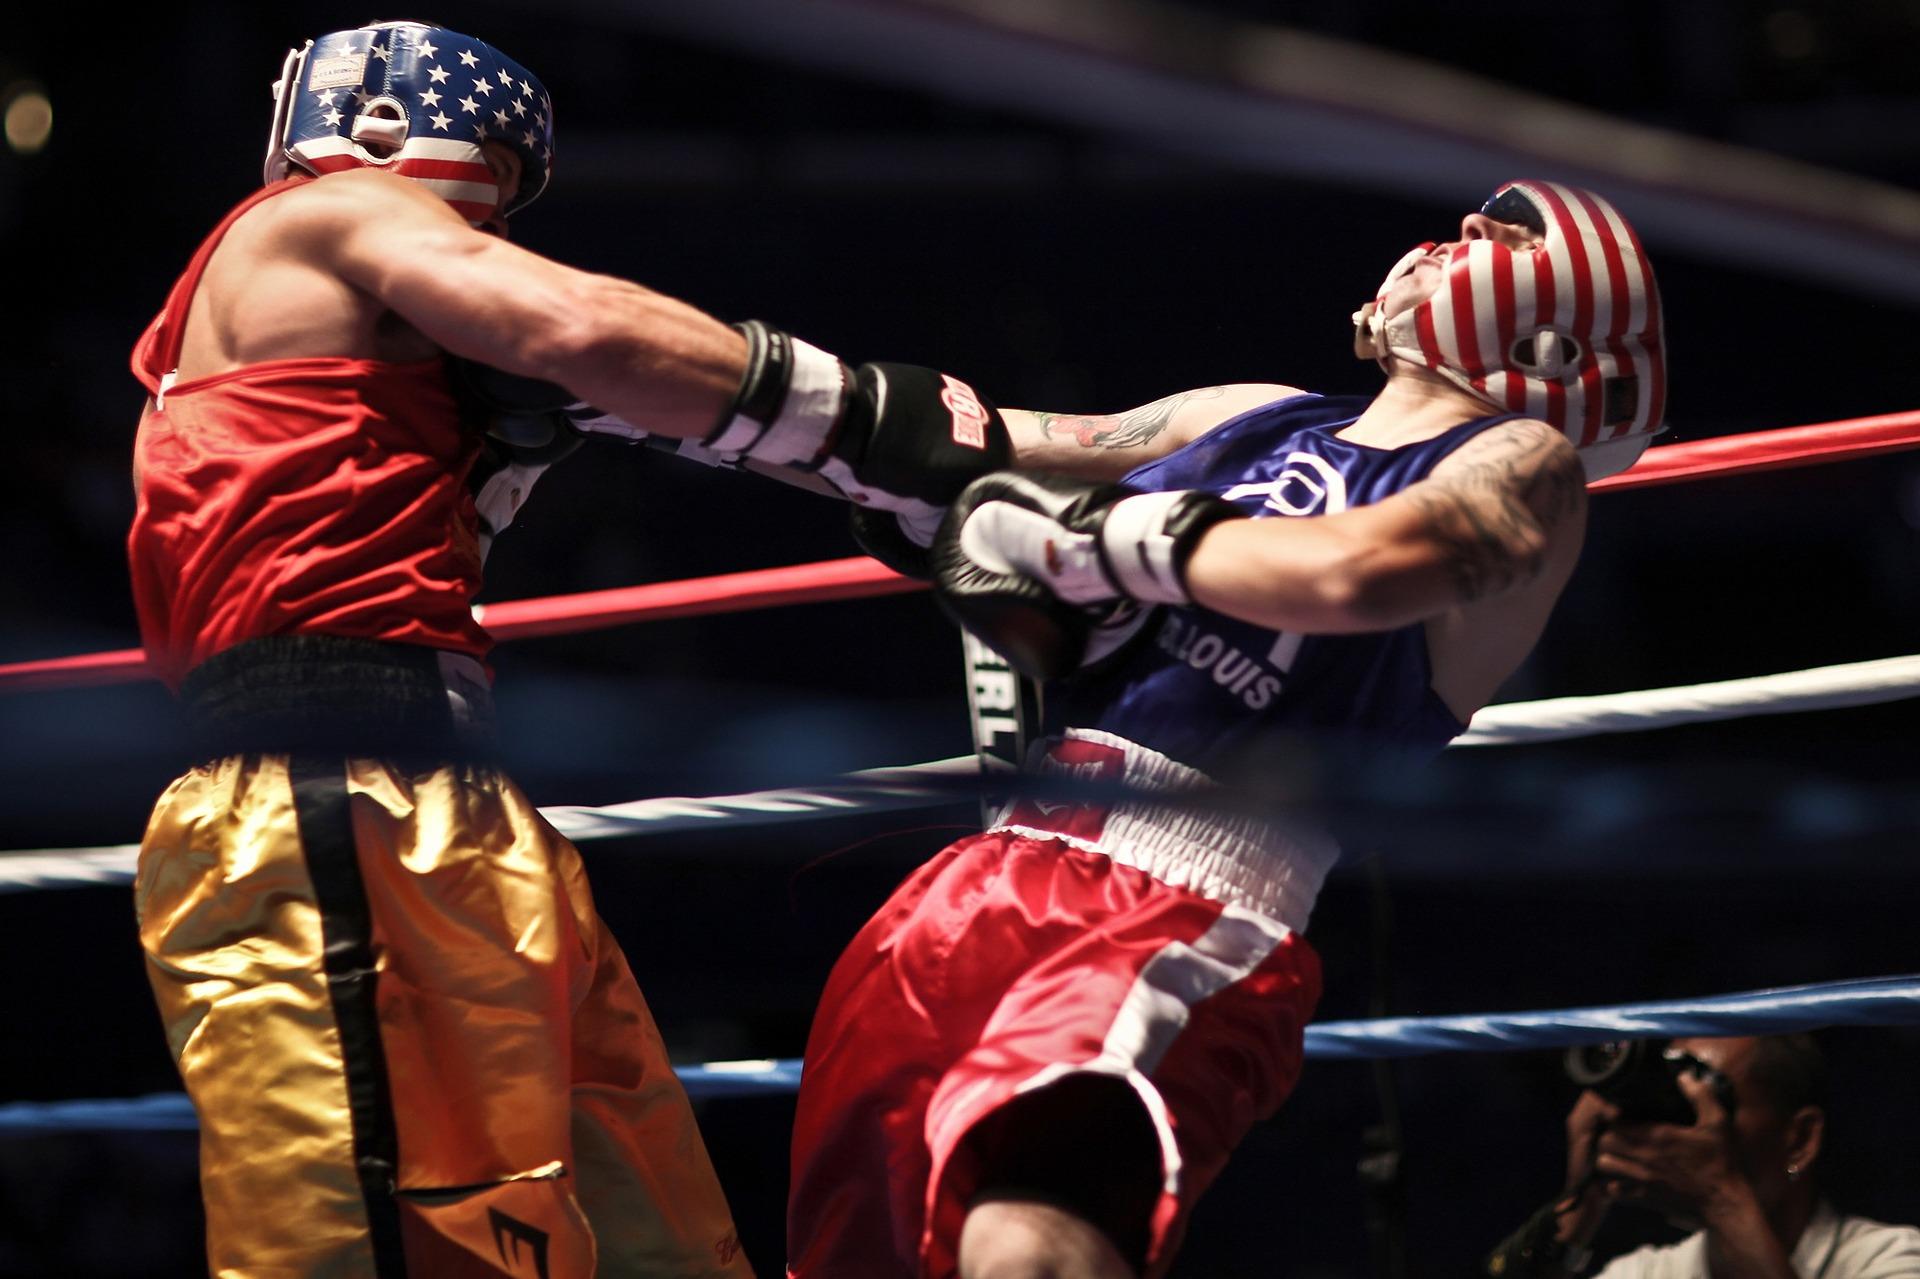 Pugilato Boxing Boxe